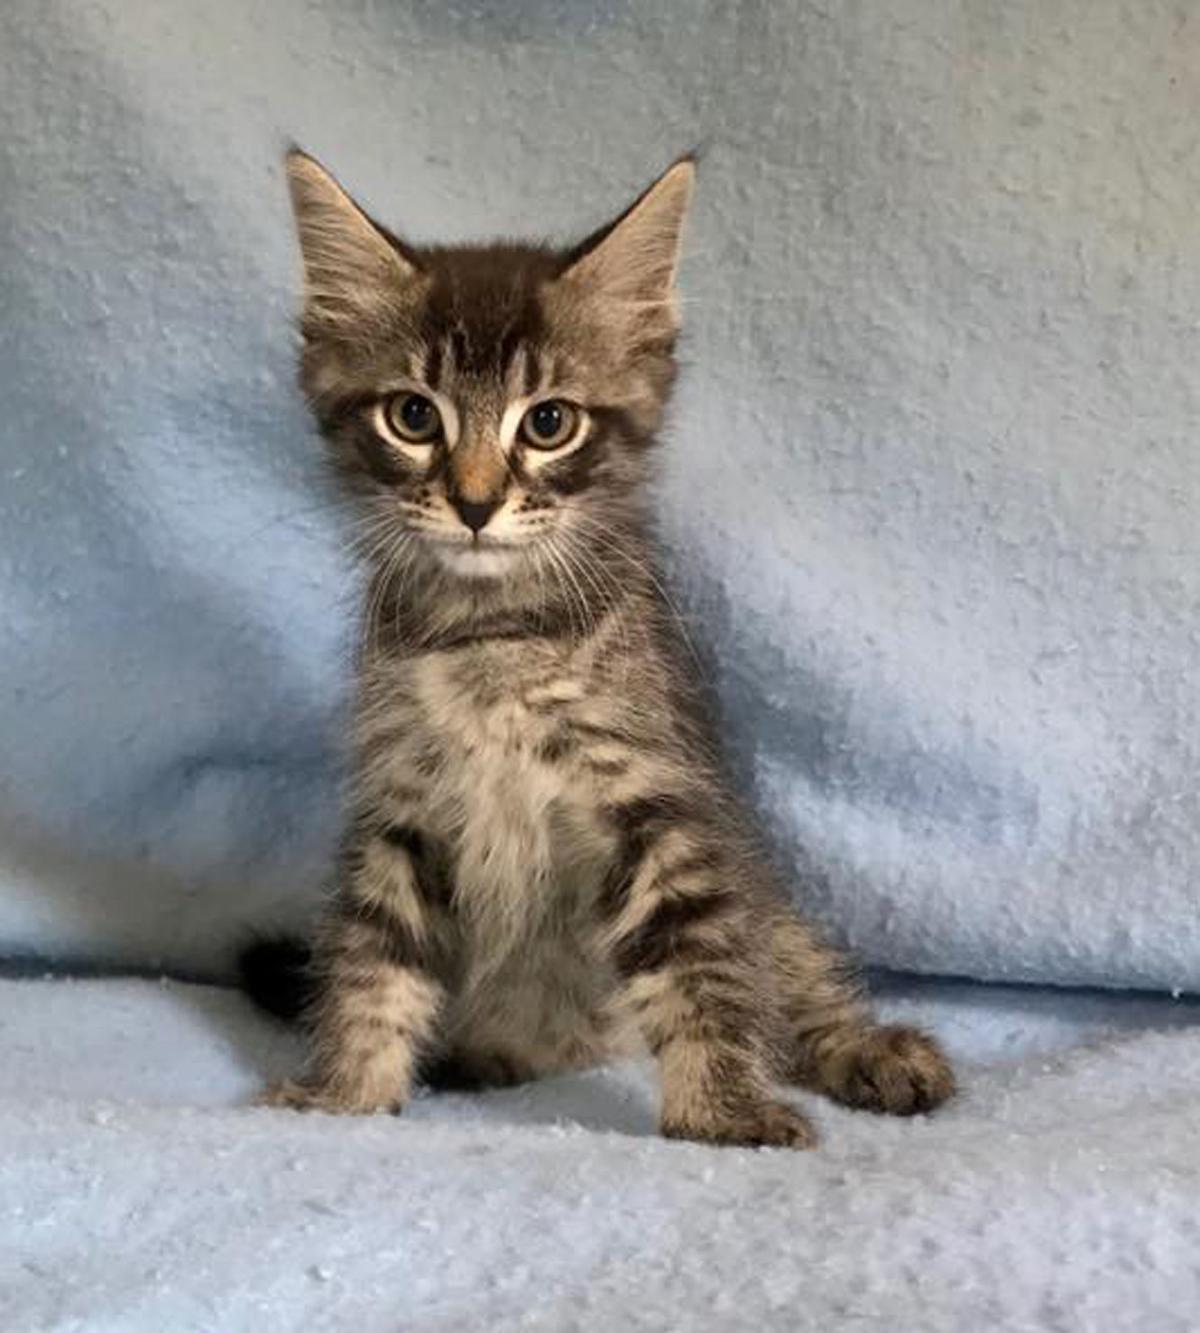 091119 Pets of the Week Kara the Kitten.jpg